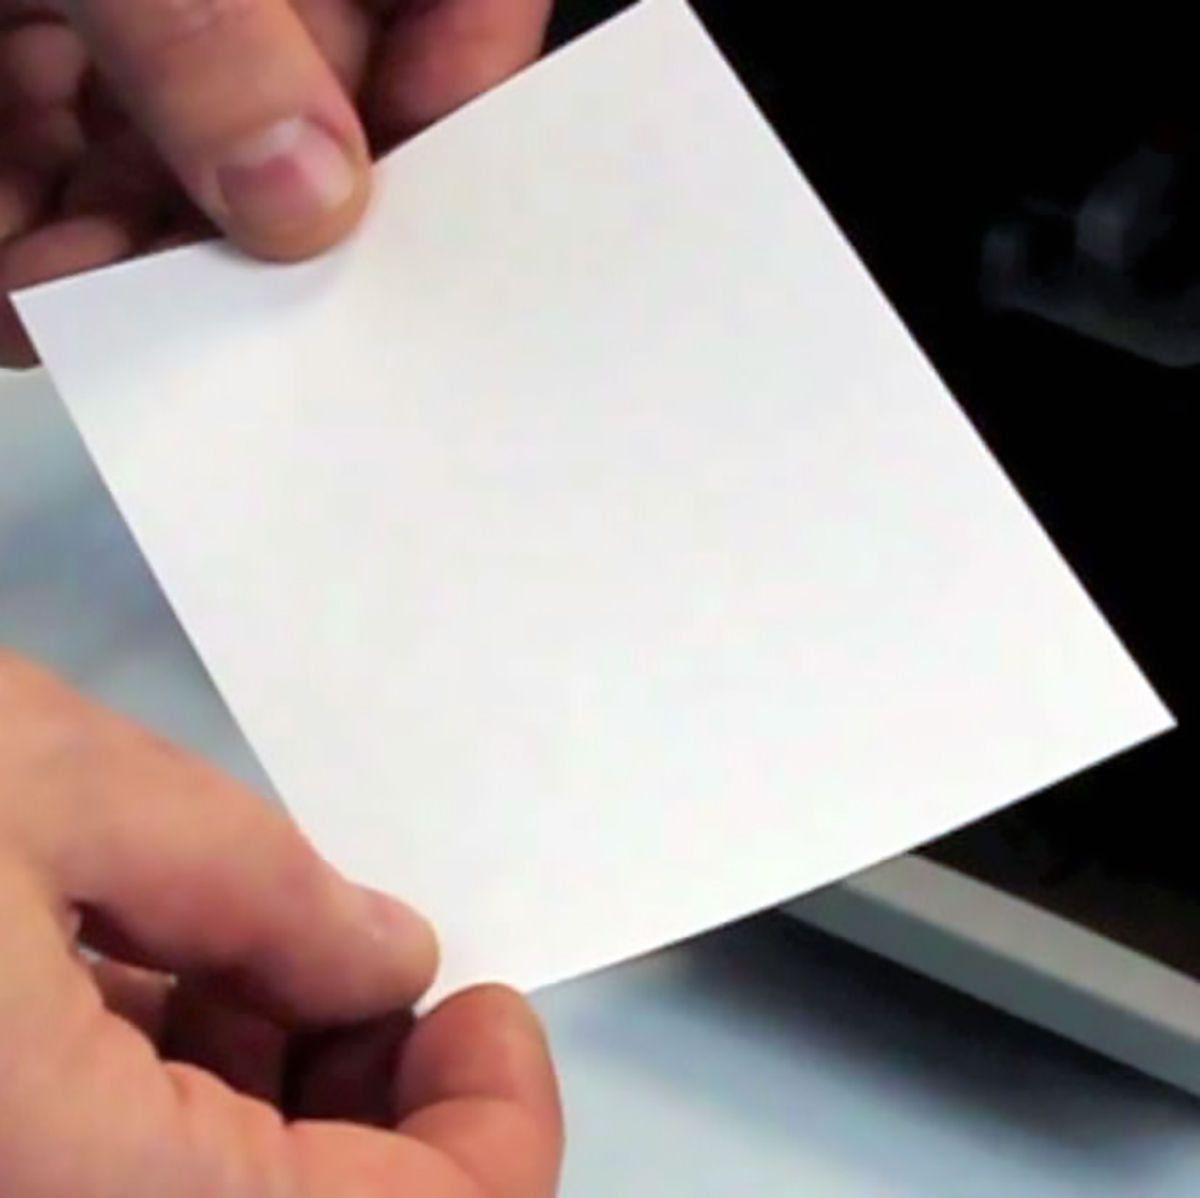 Papel Fotográfico 10x15 cm 265g Glossy Branco Brilhante Resistente à Água / 500 folhas